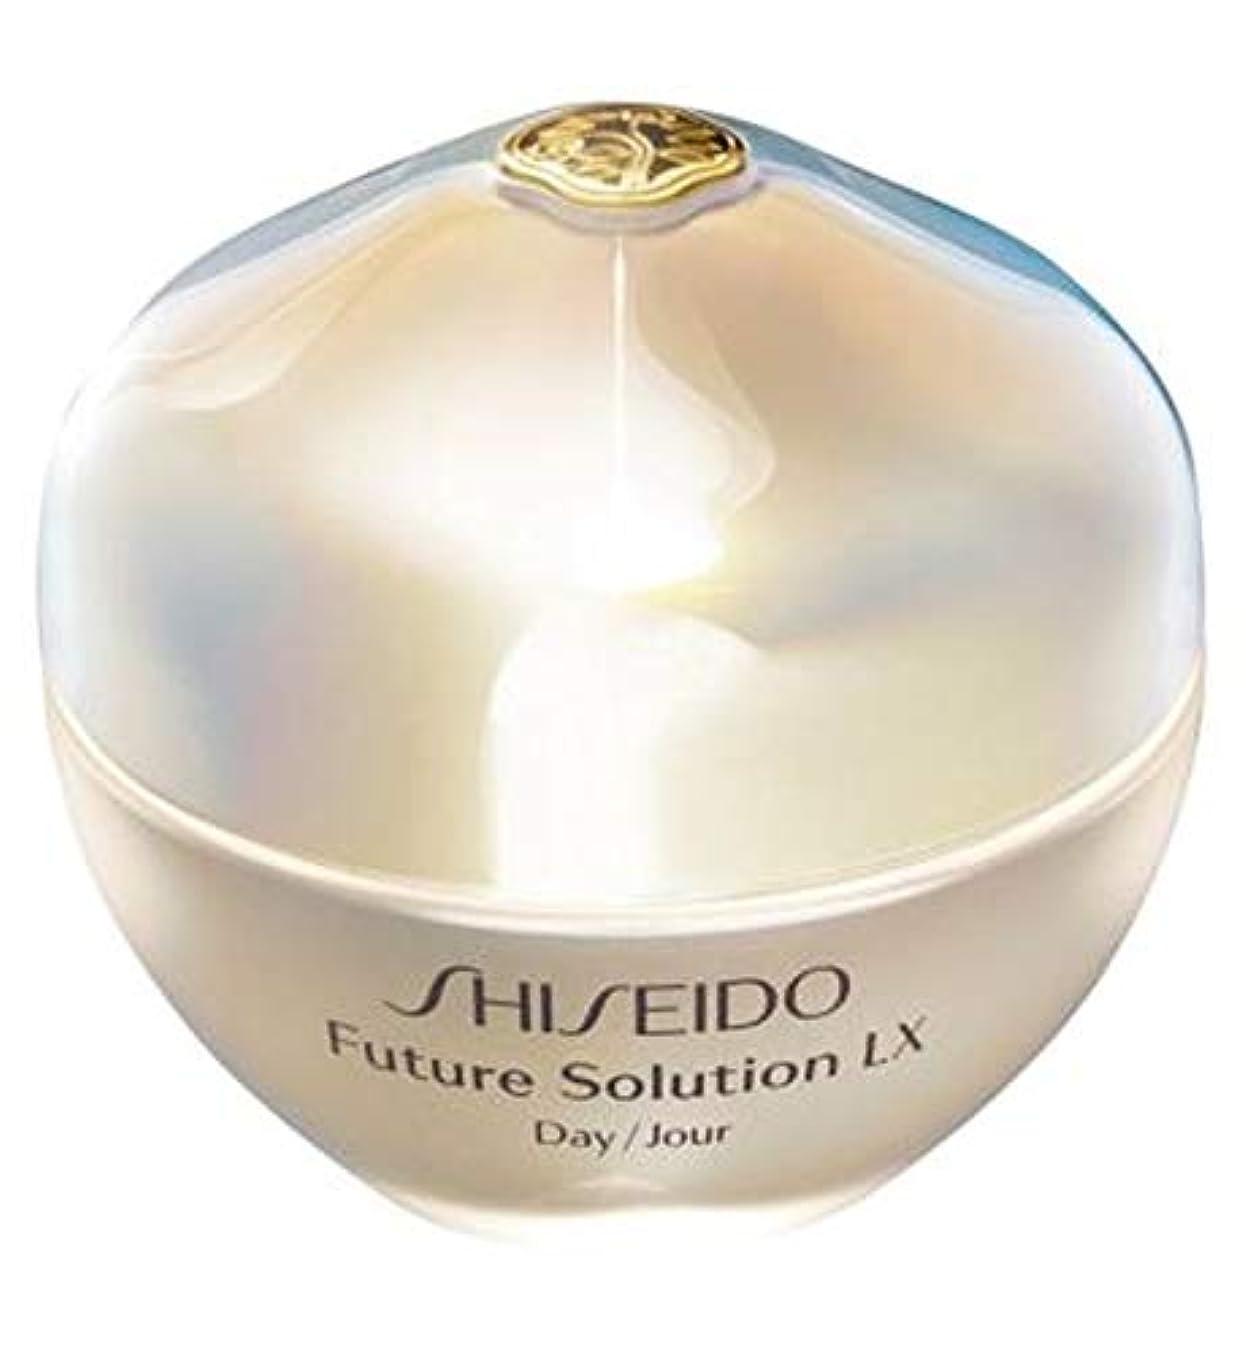 応じる早める意気消沈した[Shiseido] 資生堂フューチャーソリューションLxトータルに保護クリームSpf 18 - Shiseido Future Solution Lx Total Protective Cream Spf 18 [並行輸入品]